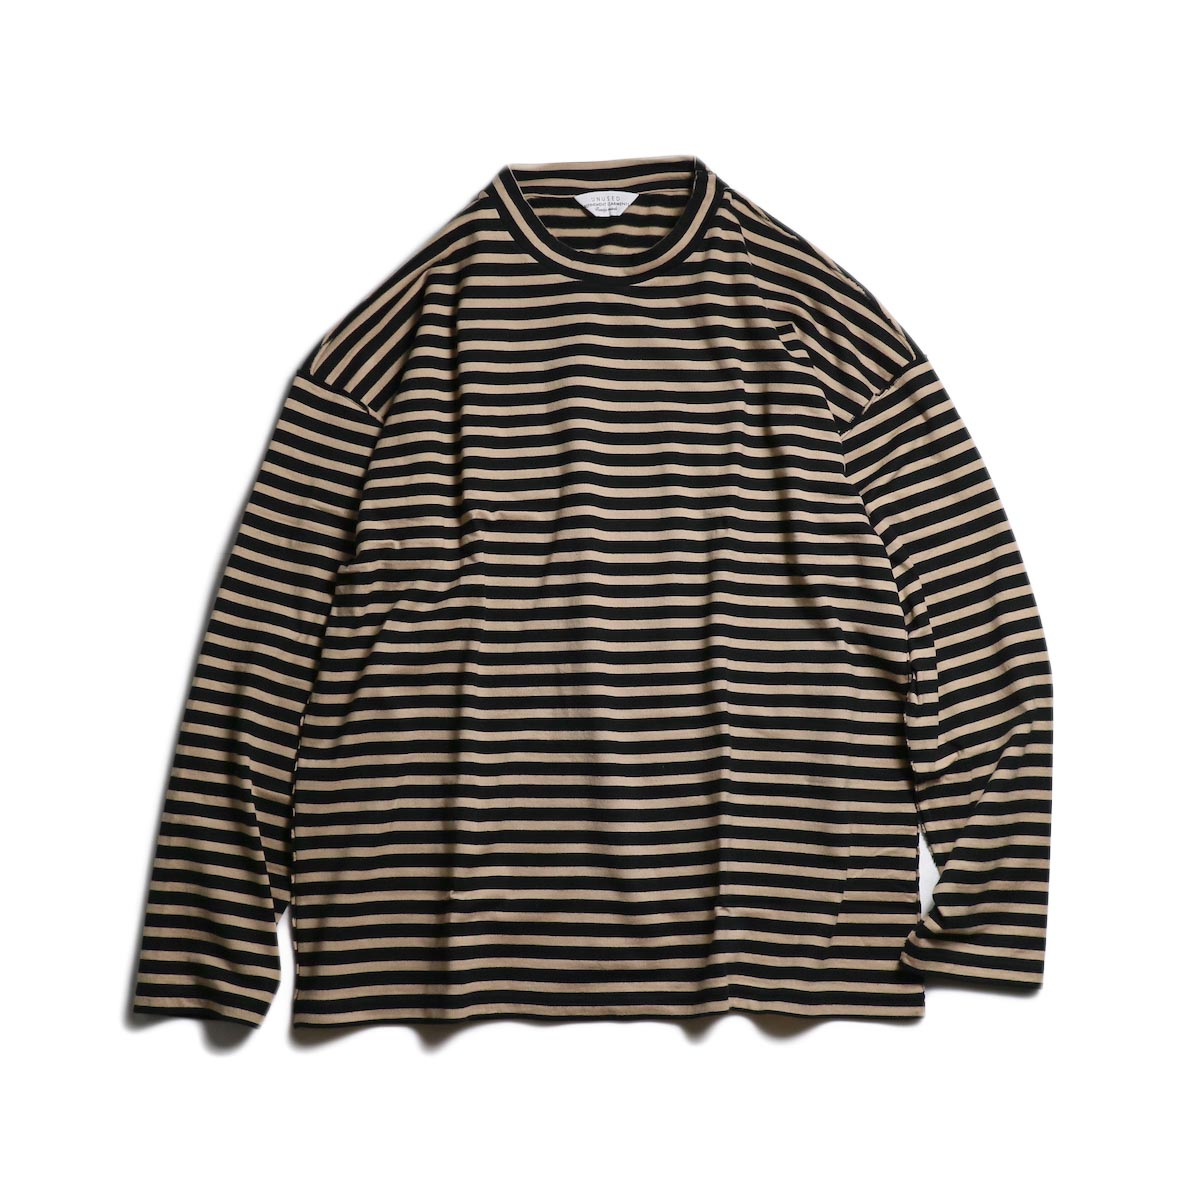 UNUSED / US1682 Long Sleeve Border T-Shirt -Beige/Black